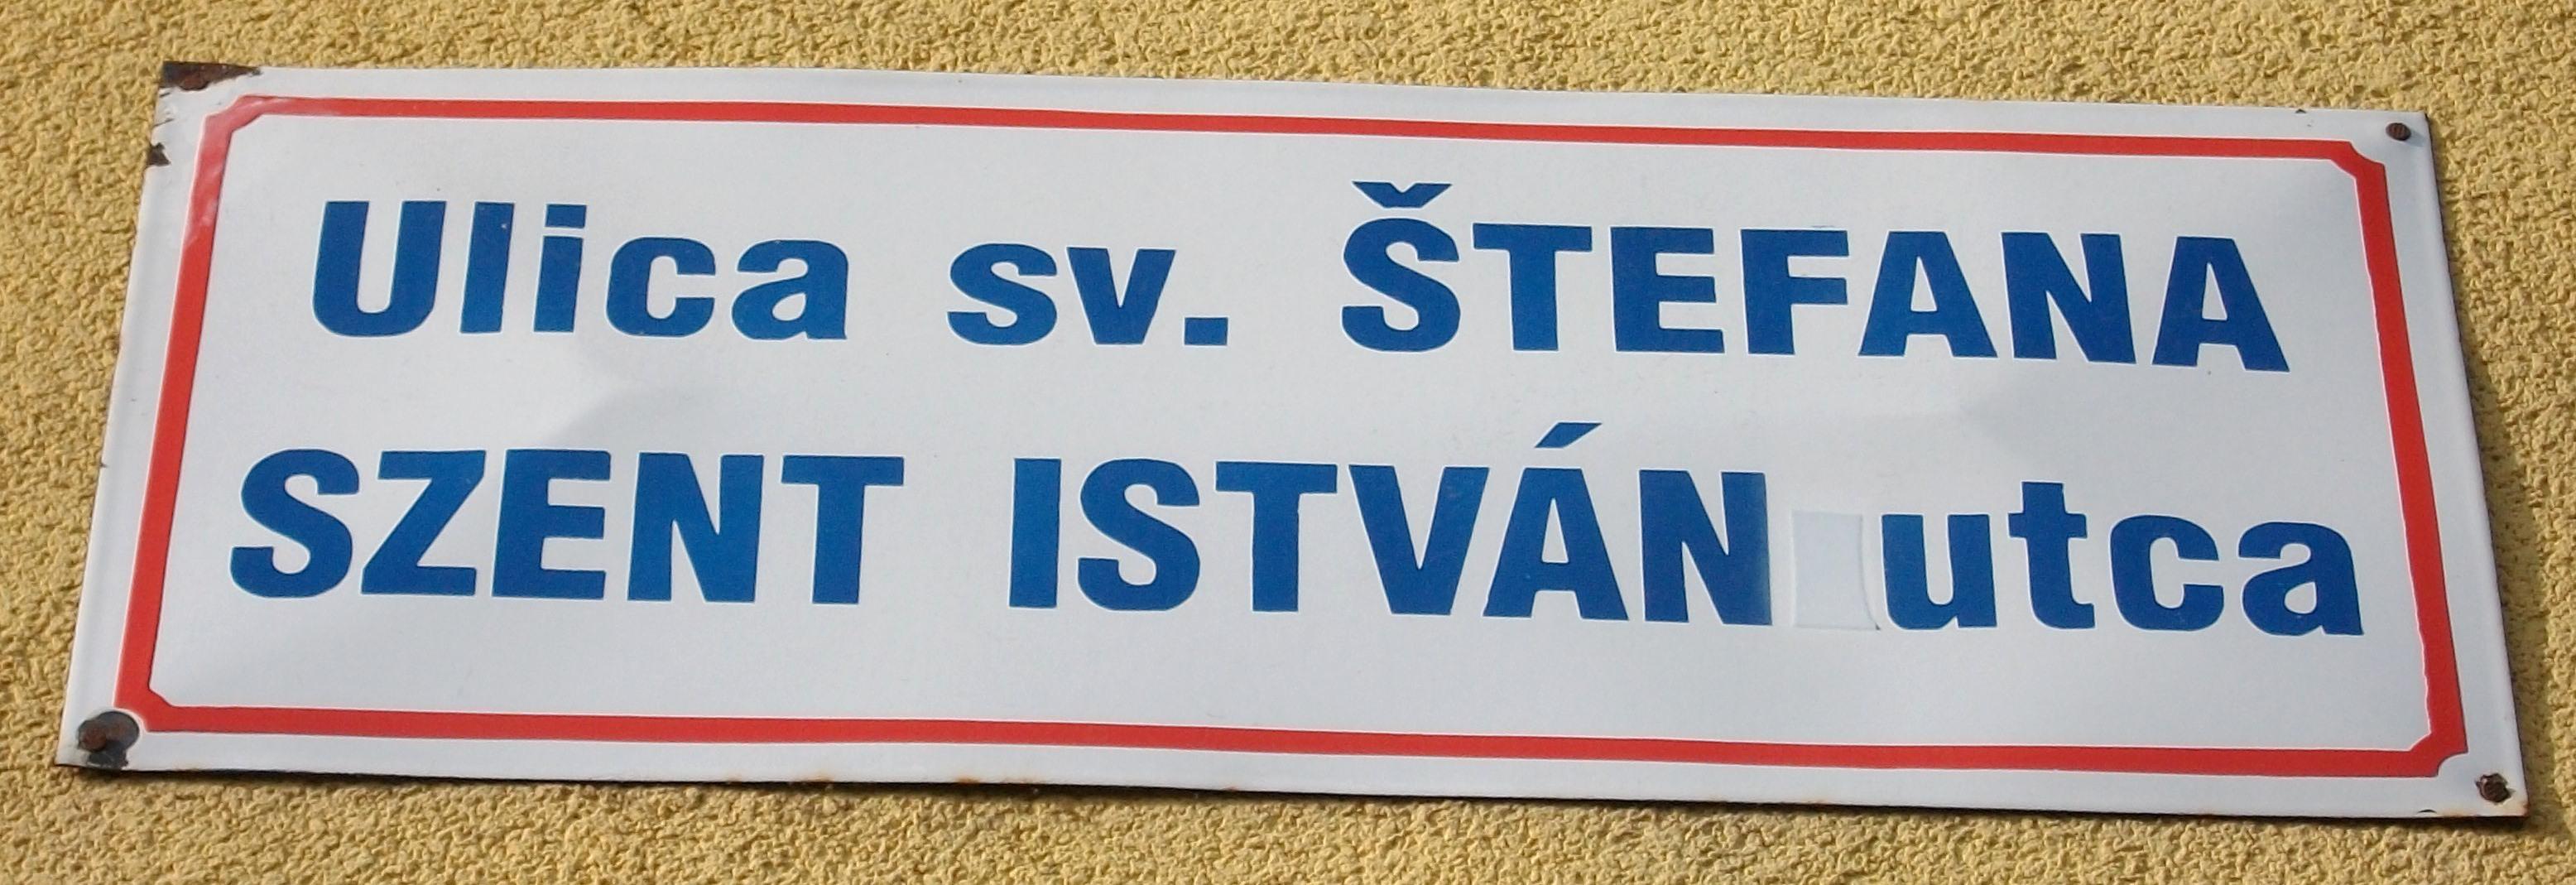 Szokatlan módon húzta ki magát Strasbourg a magyarokat sújtó szlovák nyelvtörvény megítéléséből